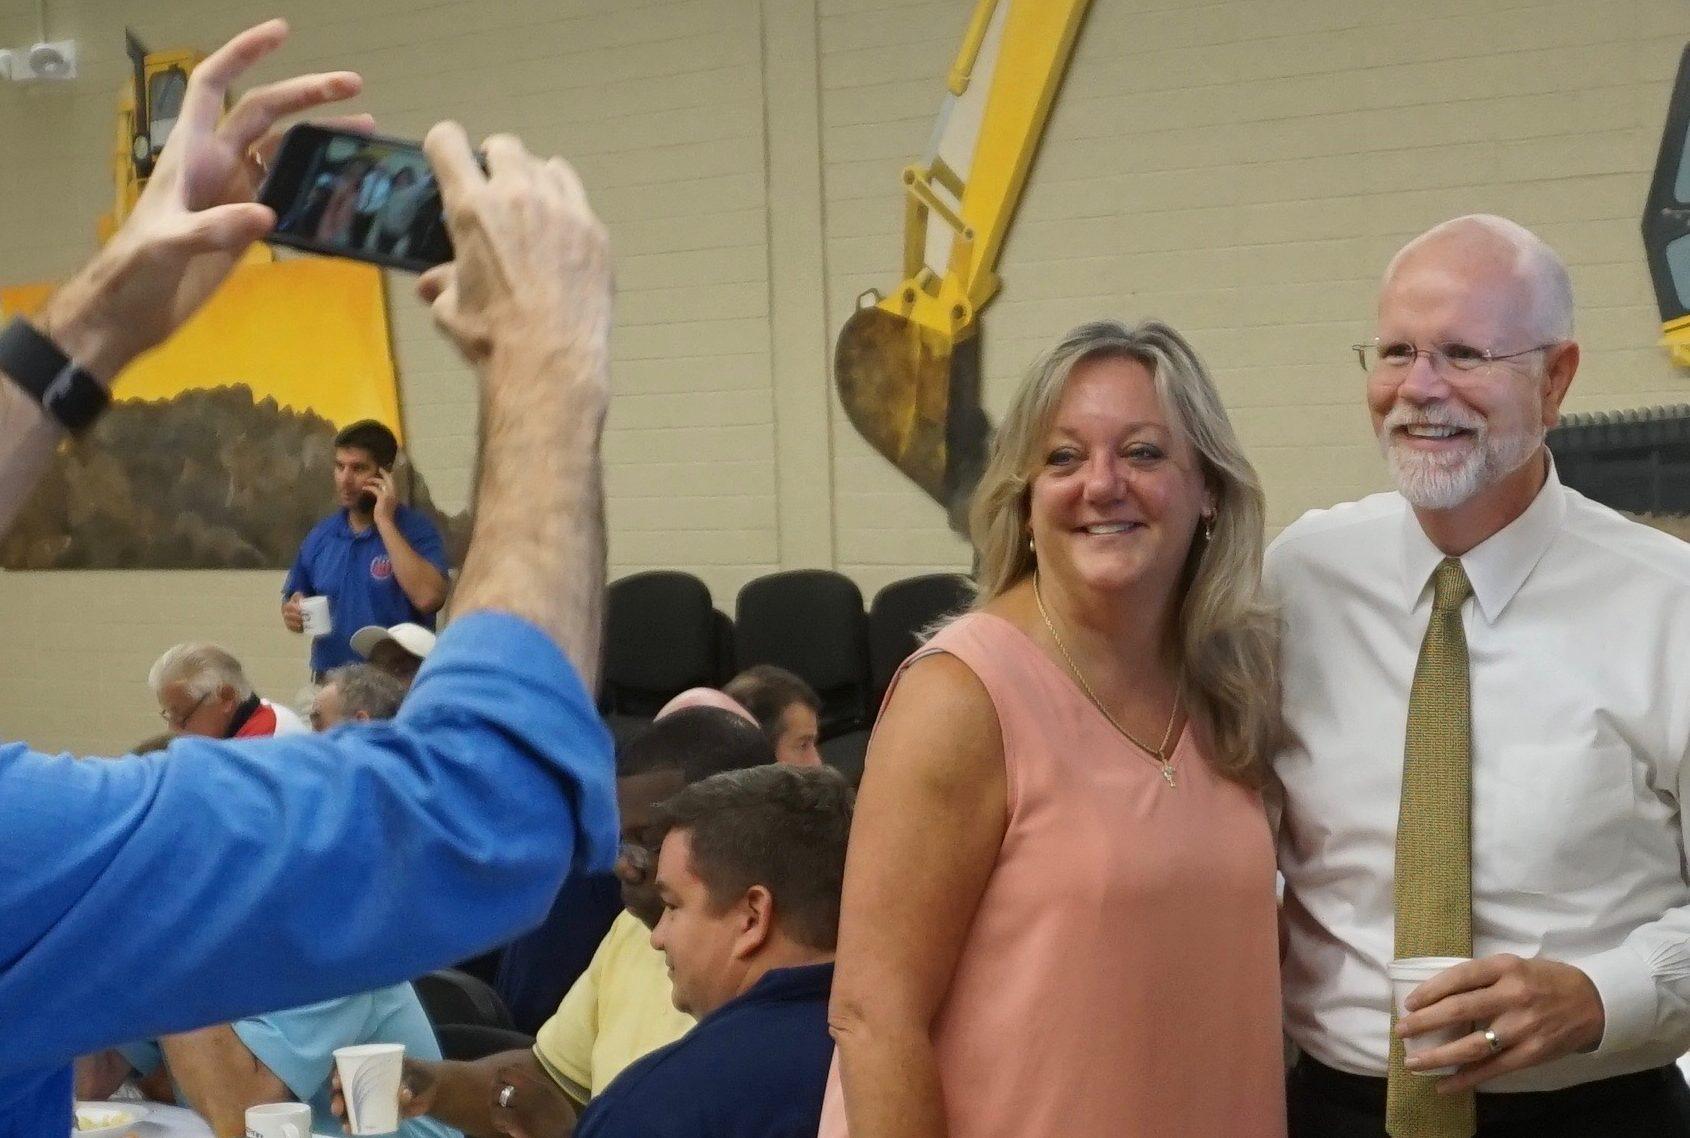 Pelletier pressures Jepsen to accept unionization without vote